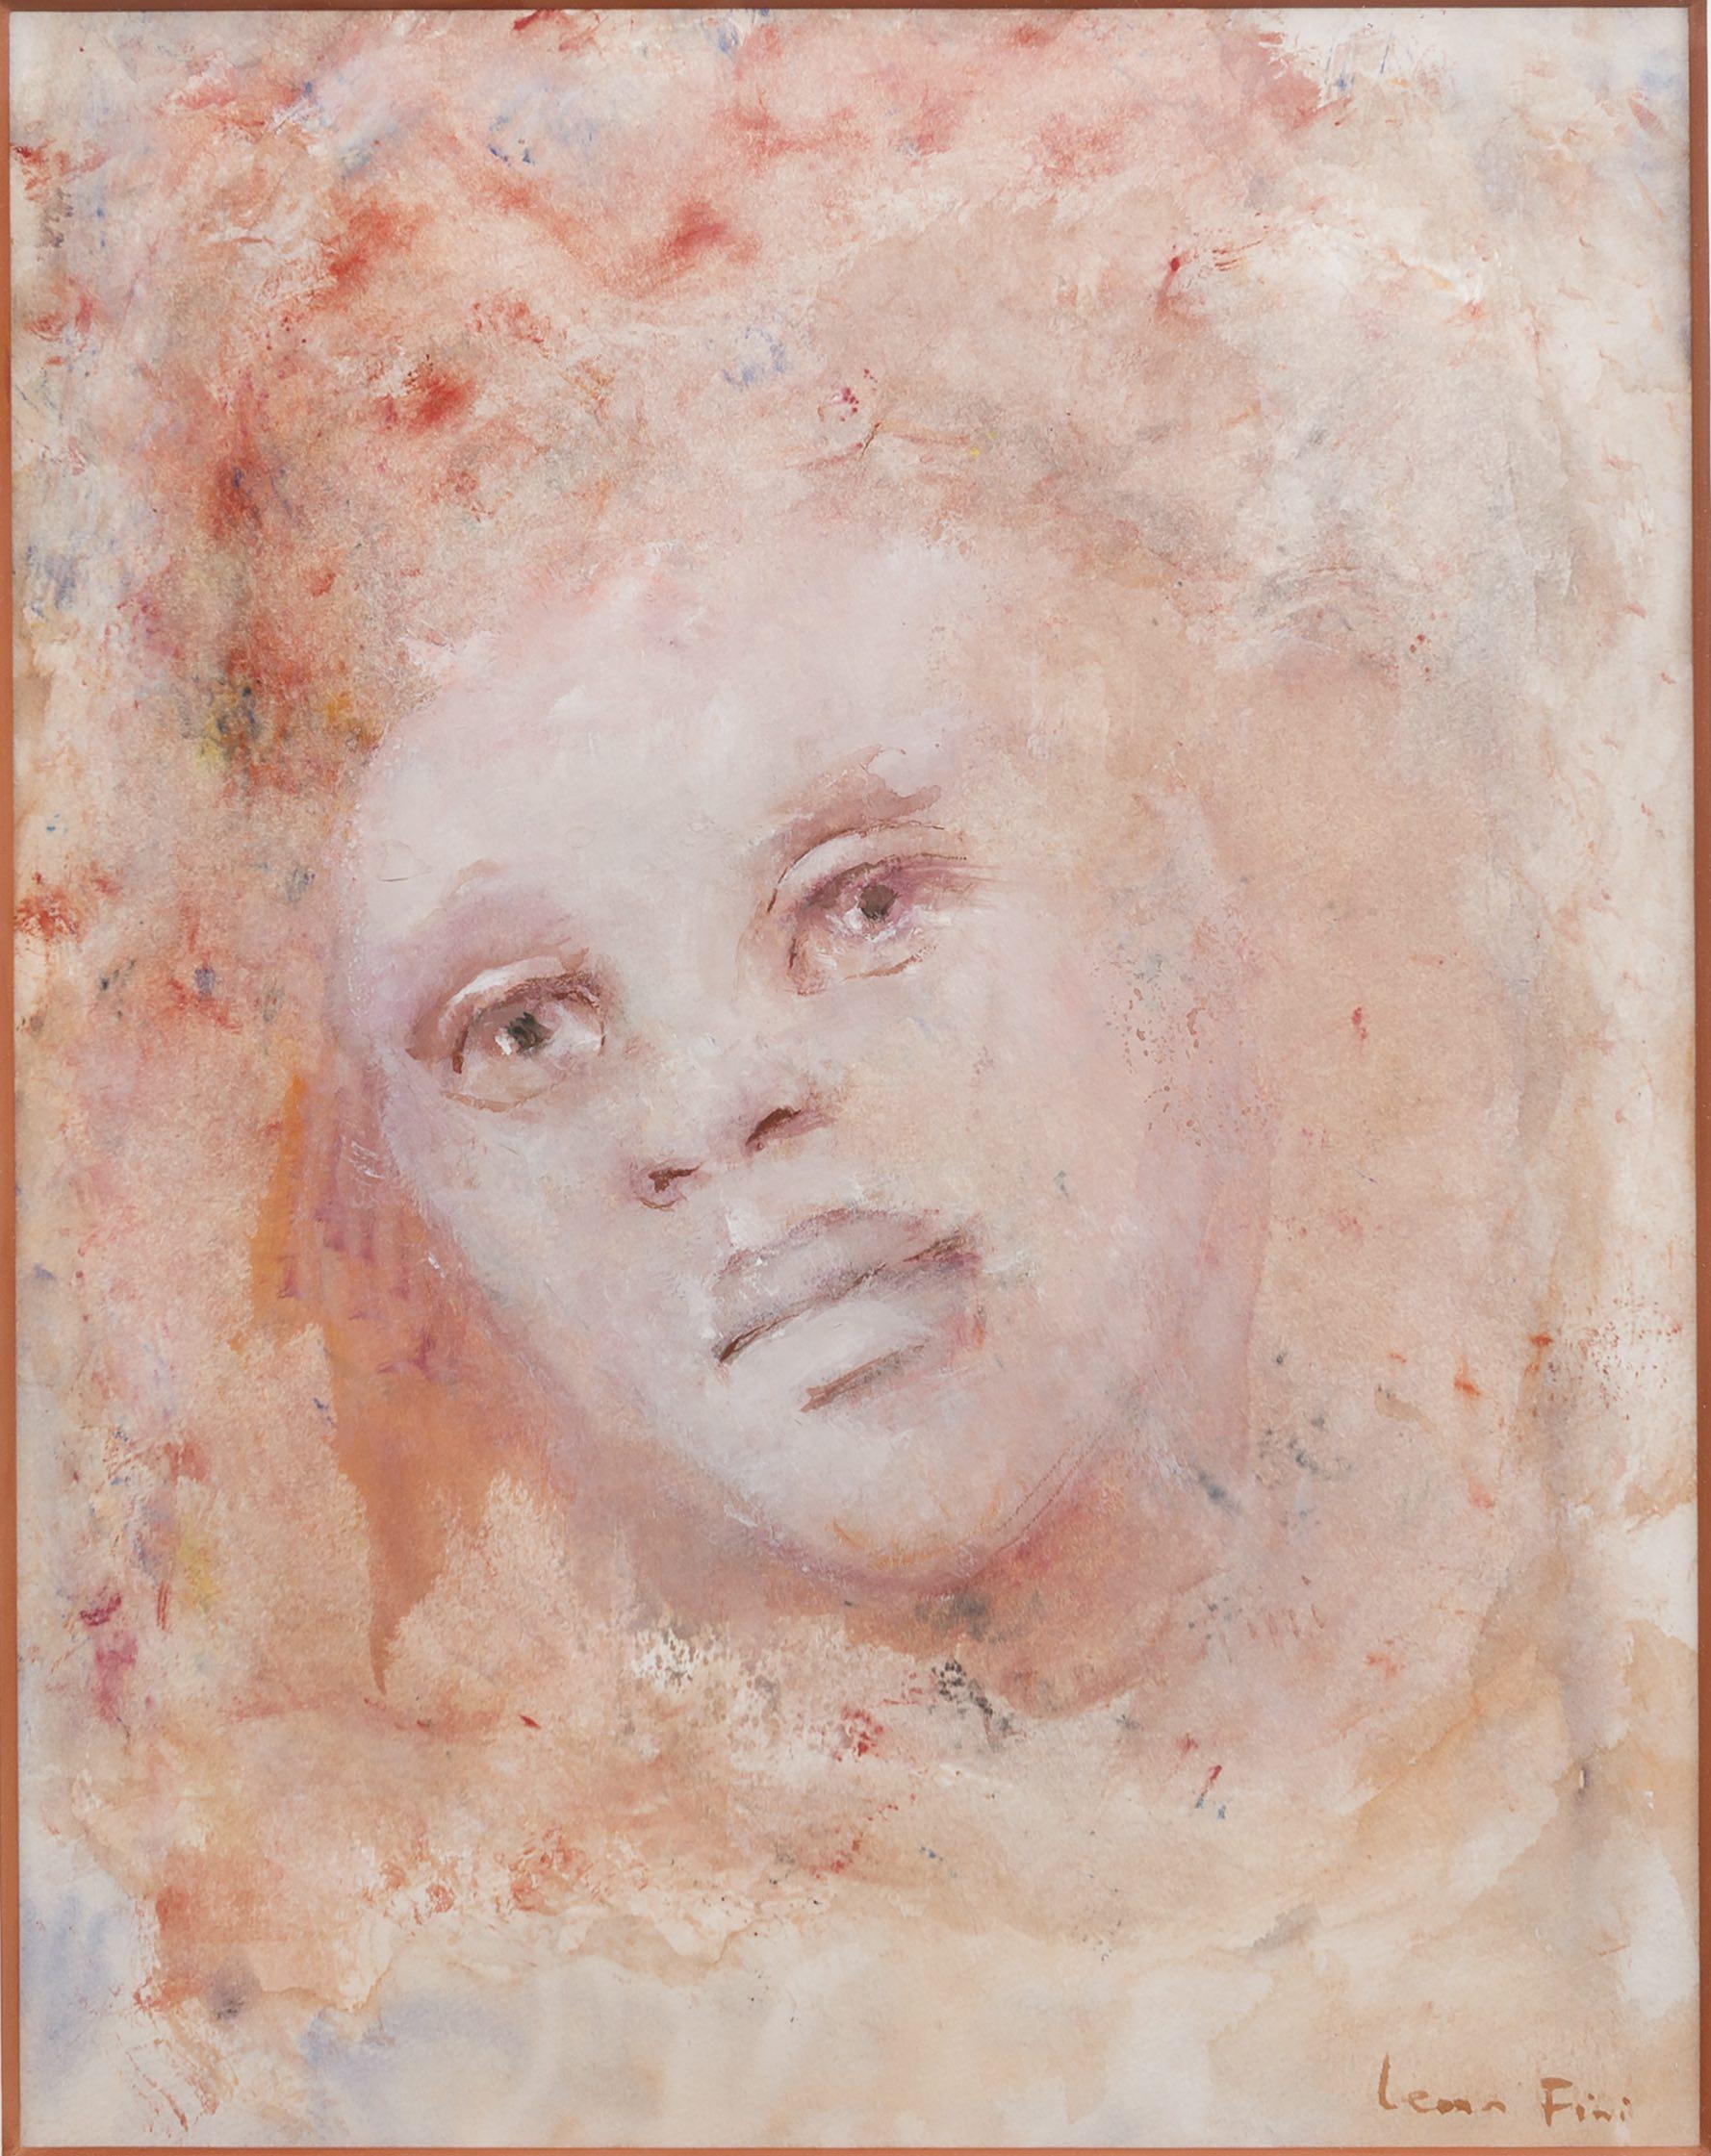 M221 Visage Rose, Portrait de Femme, Gouache et Aquarelle, 44 x 34,5cm